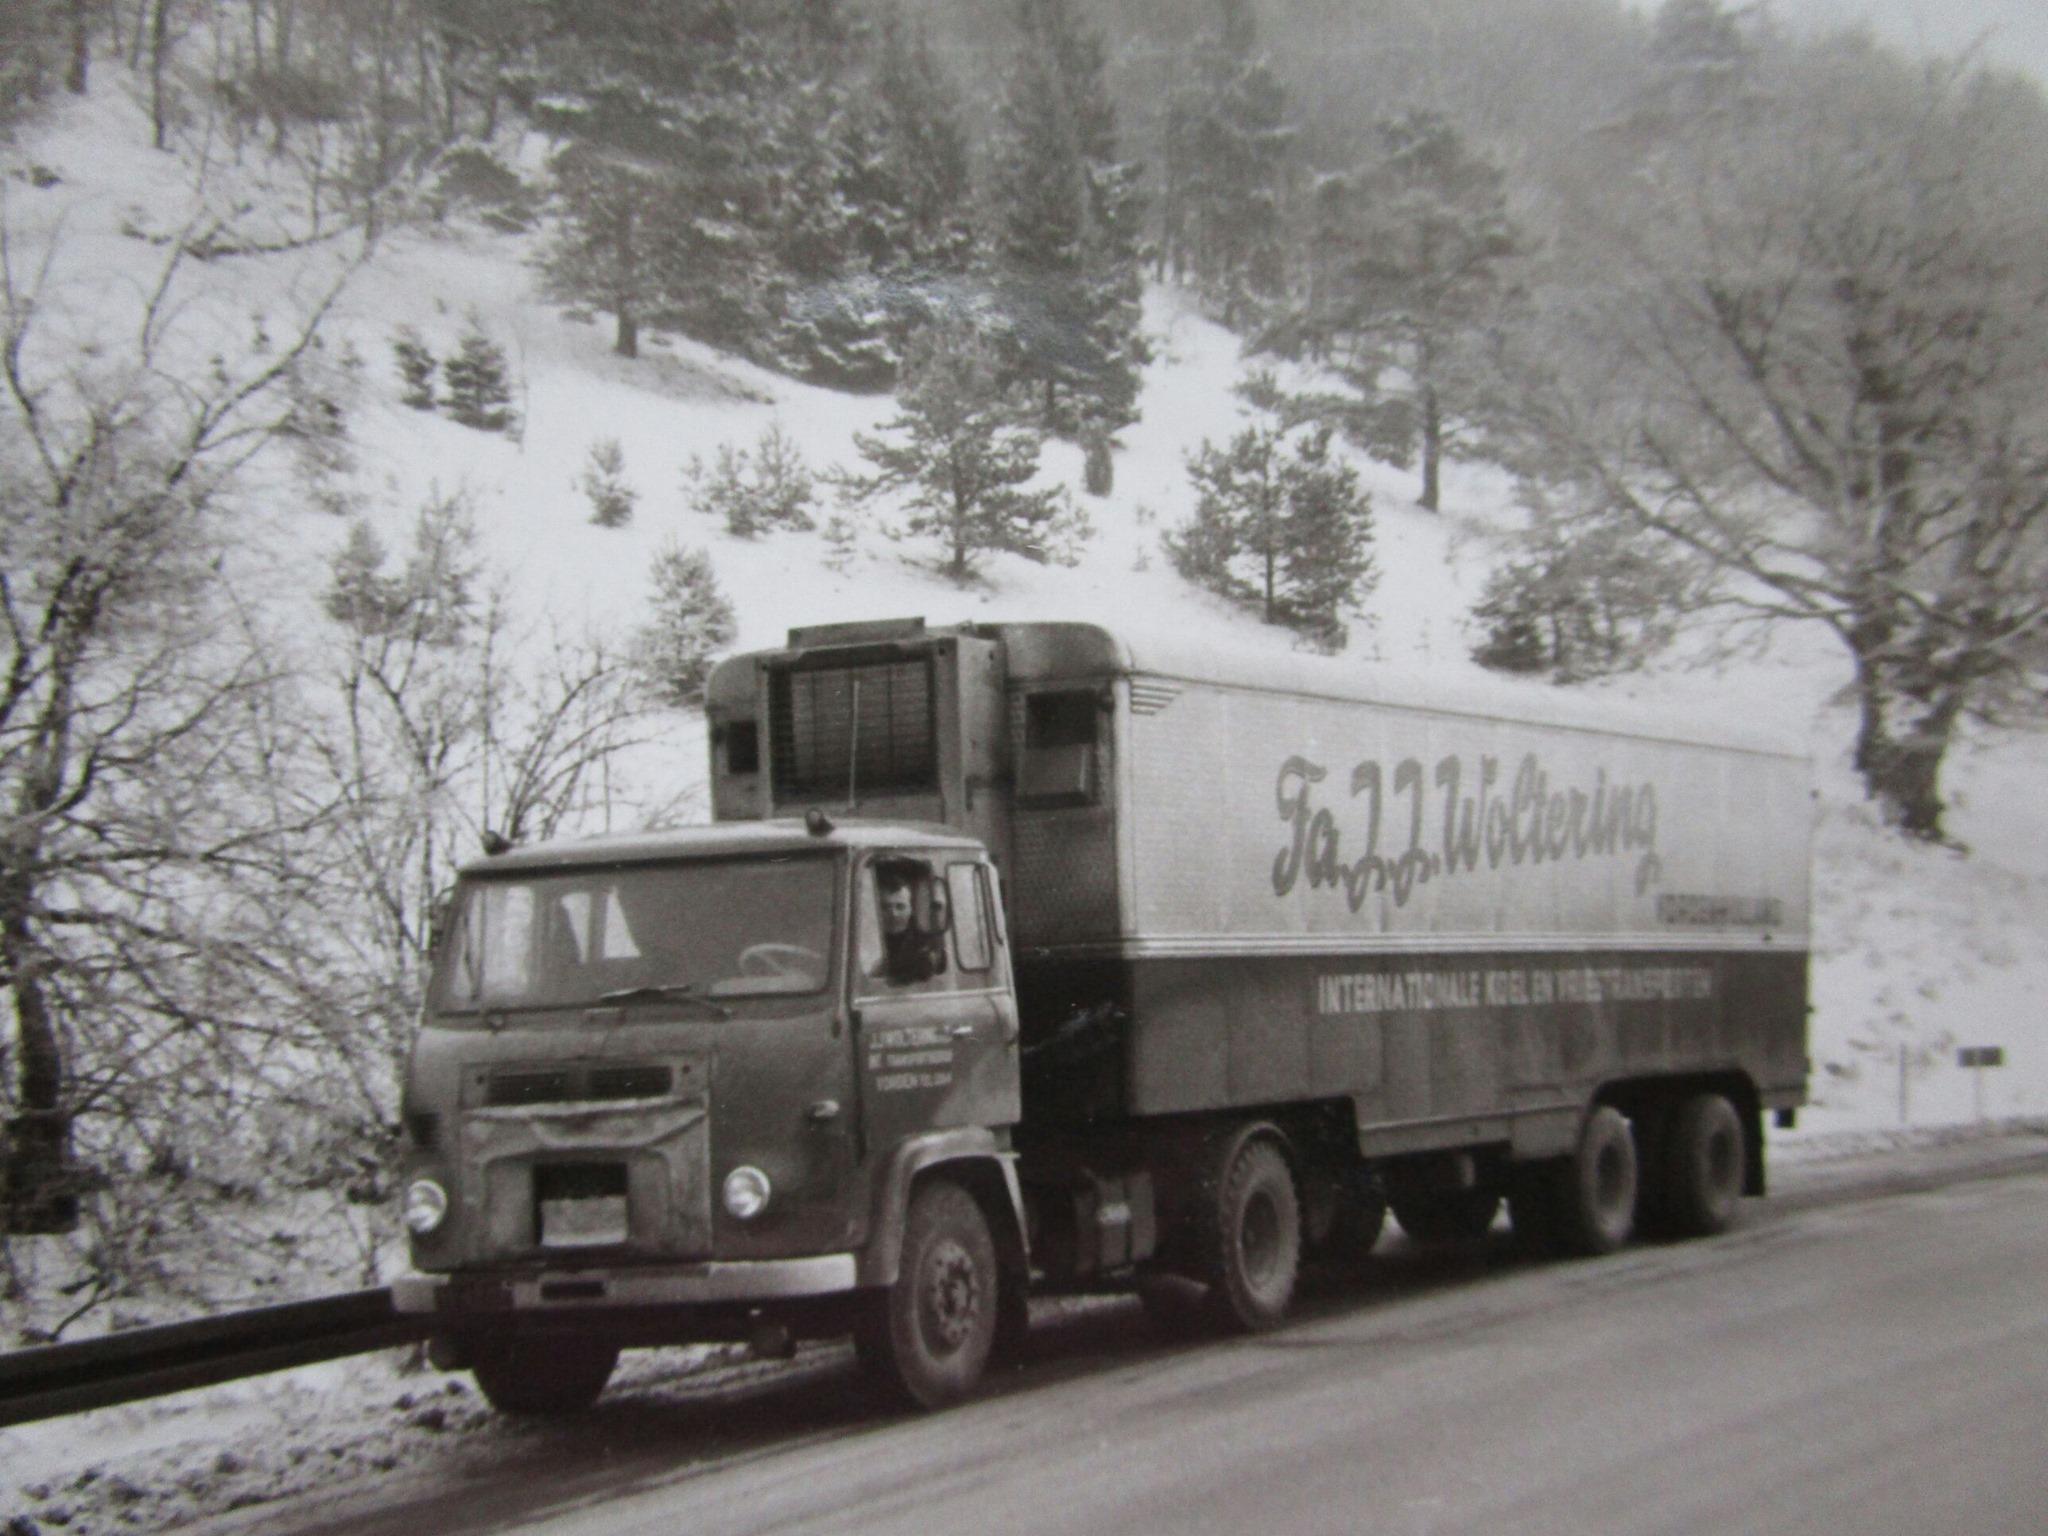 Gerrit-Vreeman-op-de-terug-weg-van-Munchen-en-even-op-de-vlugstrook-deze-foto-gemaakt--eind-jaren-60